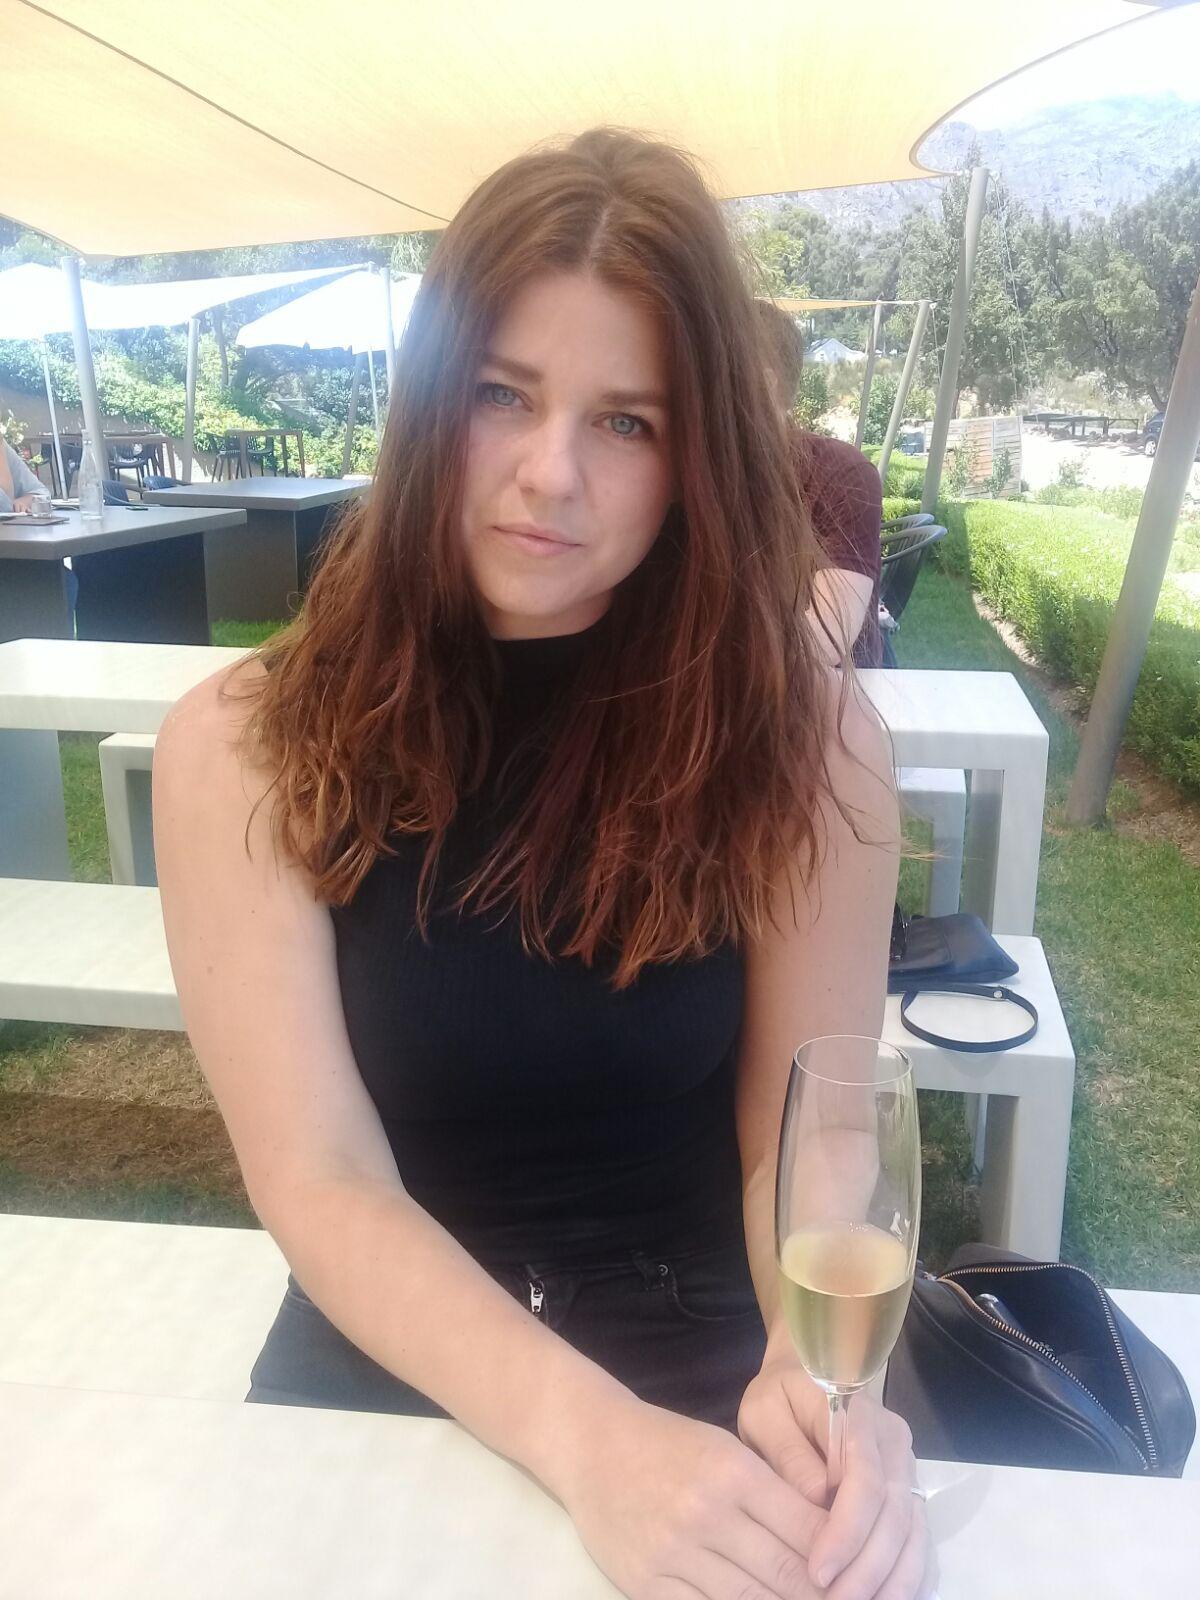 Me in my natural habitat (wine tasting)